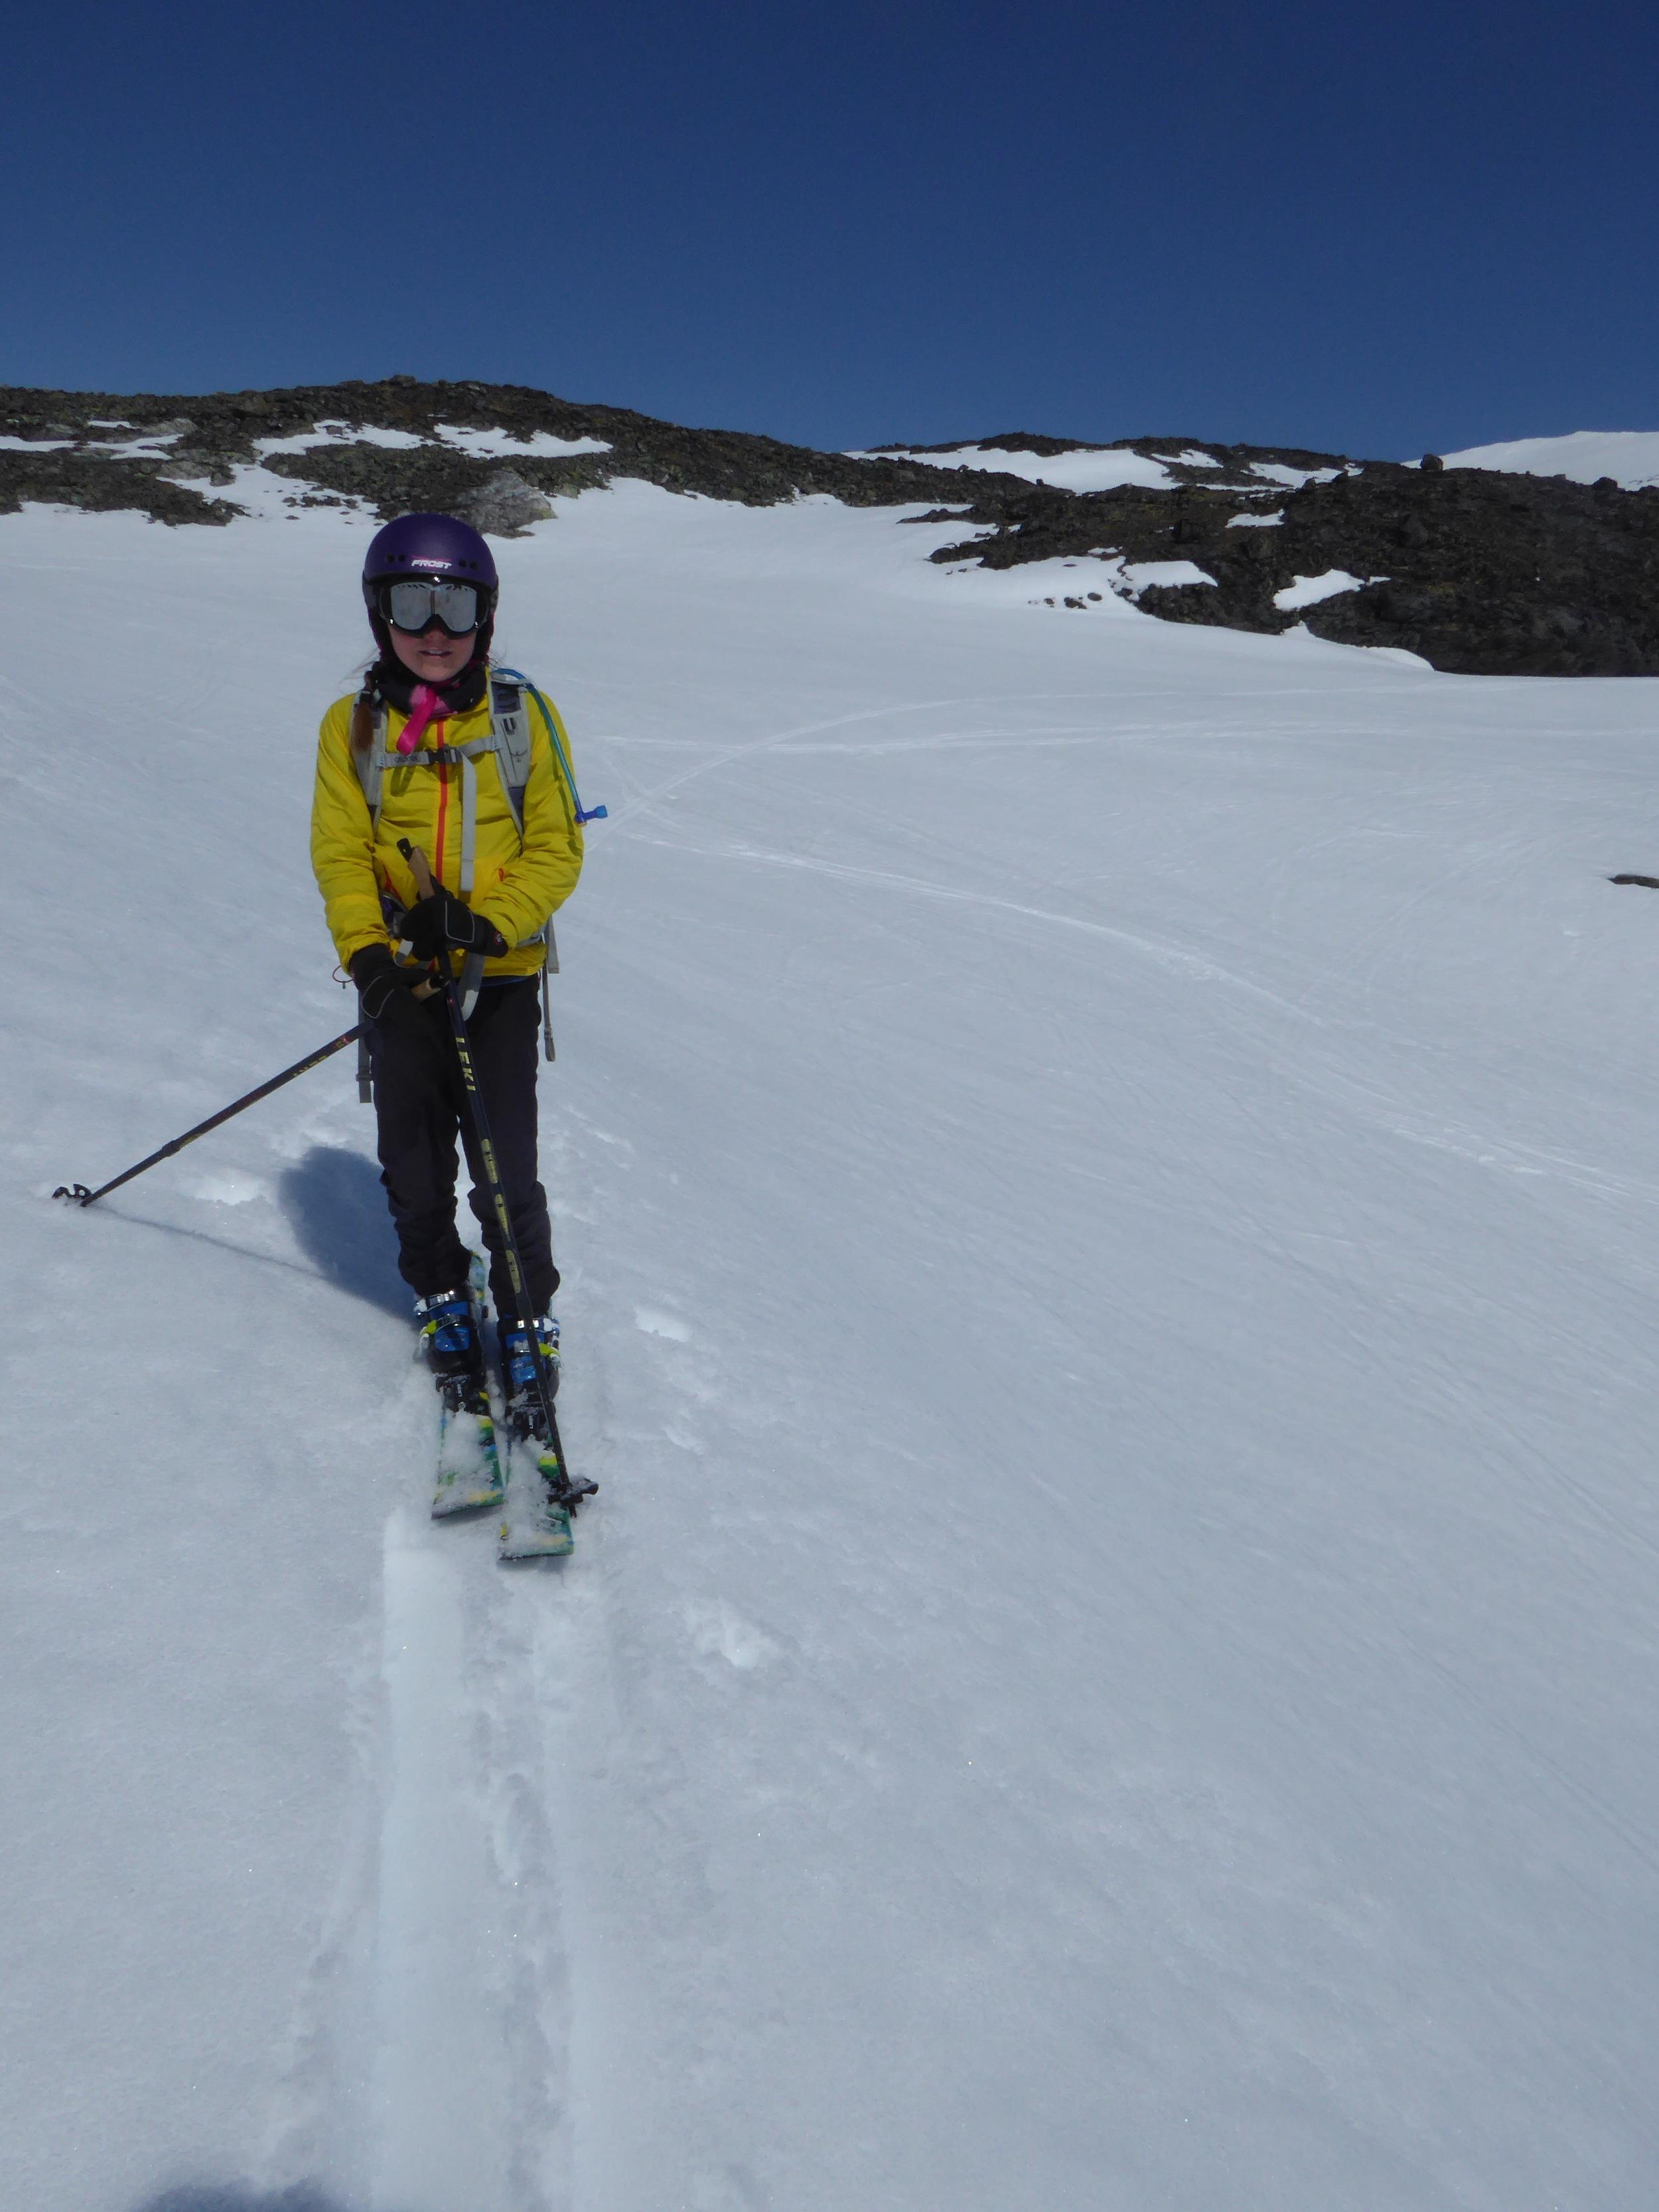 Vi har skiftet til slalom, og er superklare for nedoverbakker